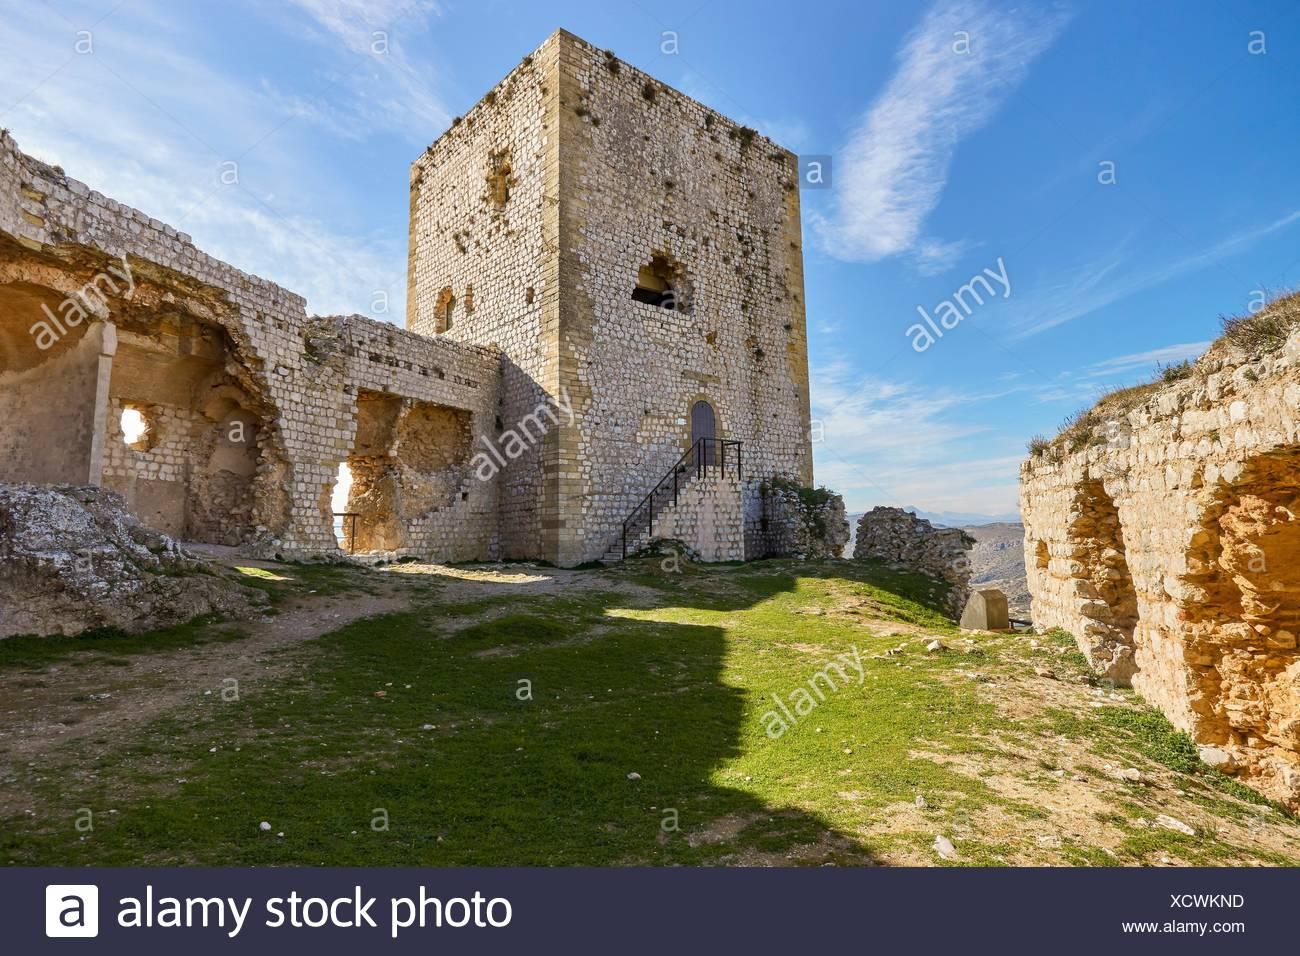 Castello di La Estrella (Hisn Atiba) di Teba, Malaga. Spagna. Immagini Stock